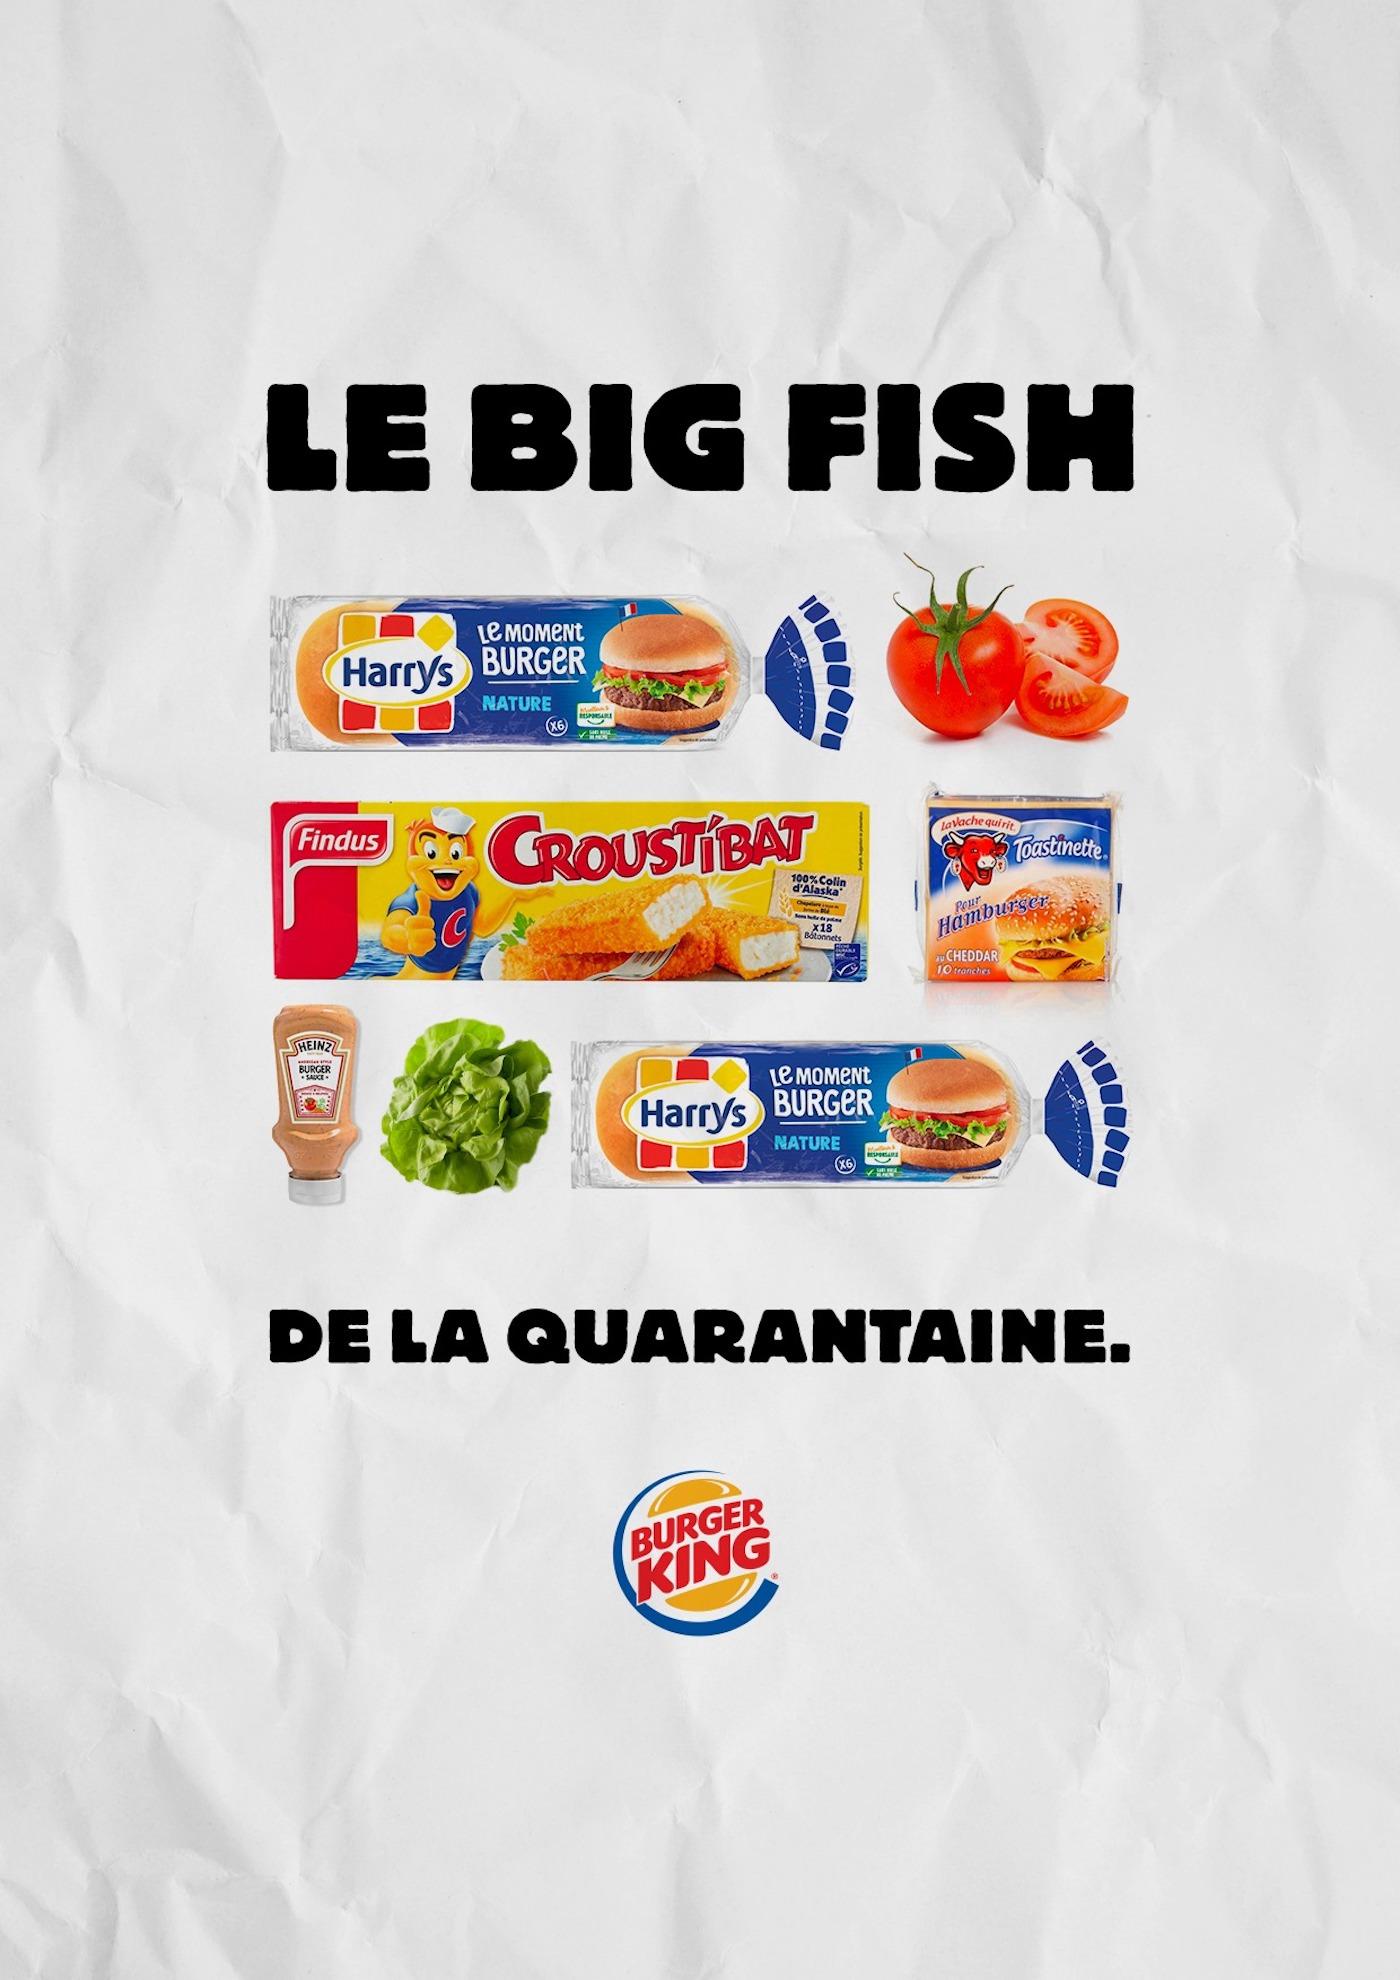 Burger King publica las recetas de sus hamburguesas para replicarlas durante la cuarentena 1